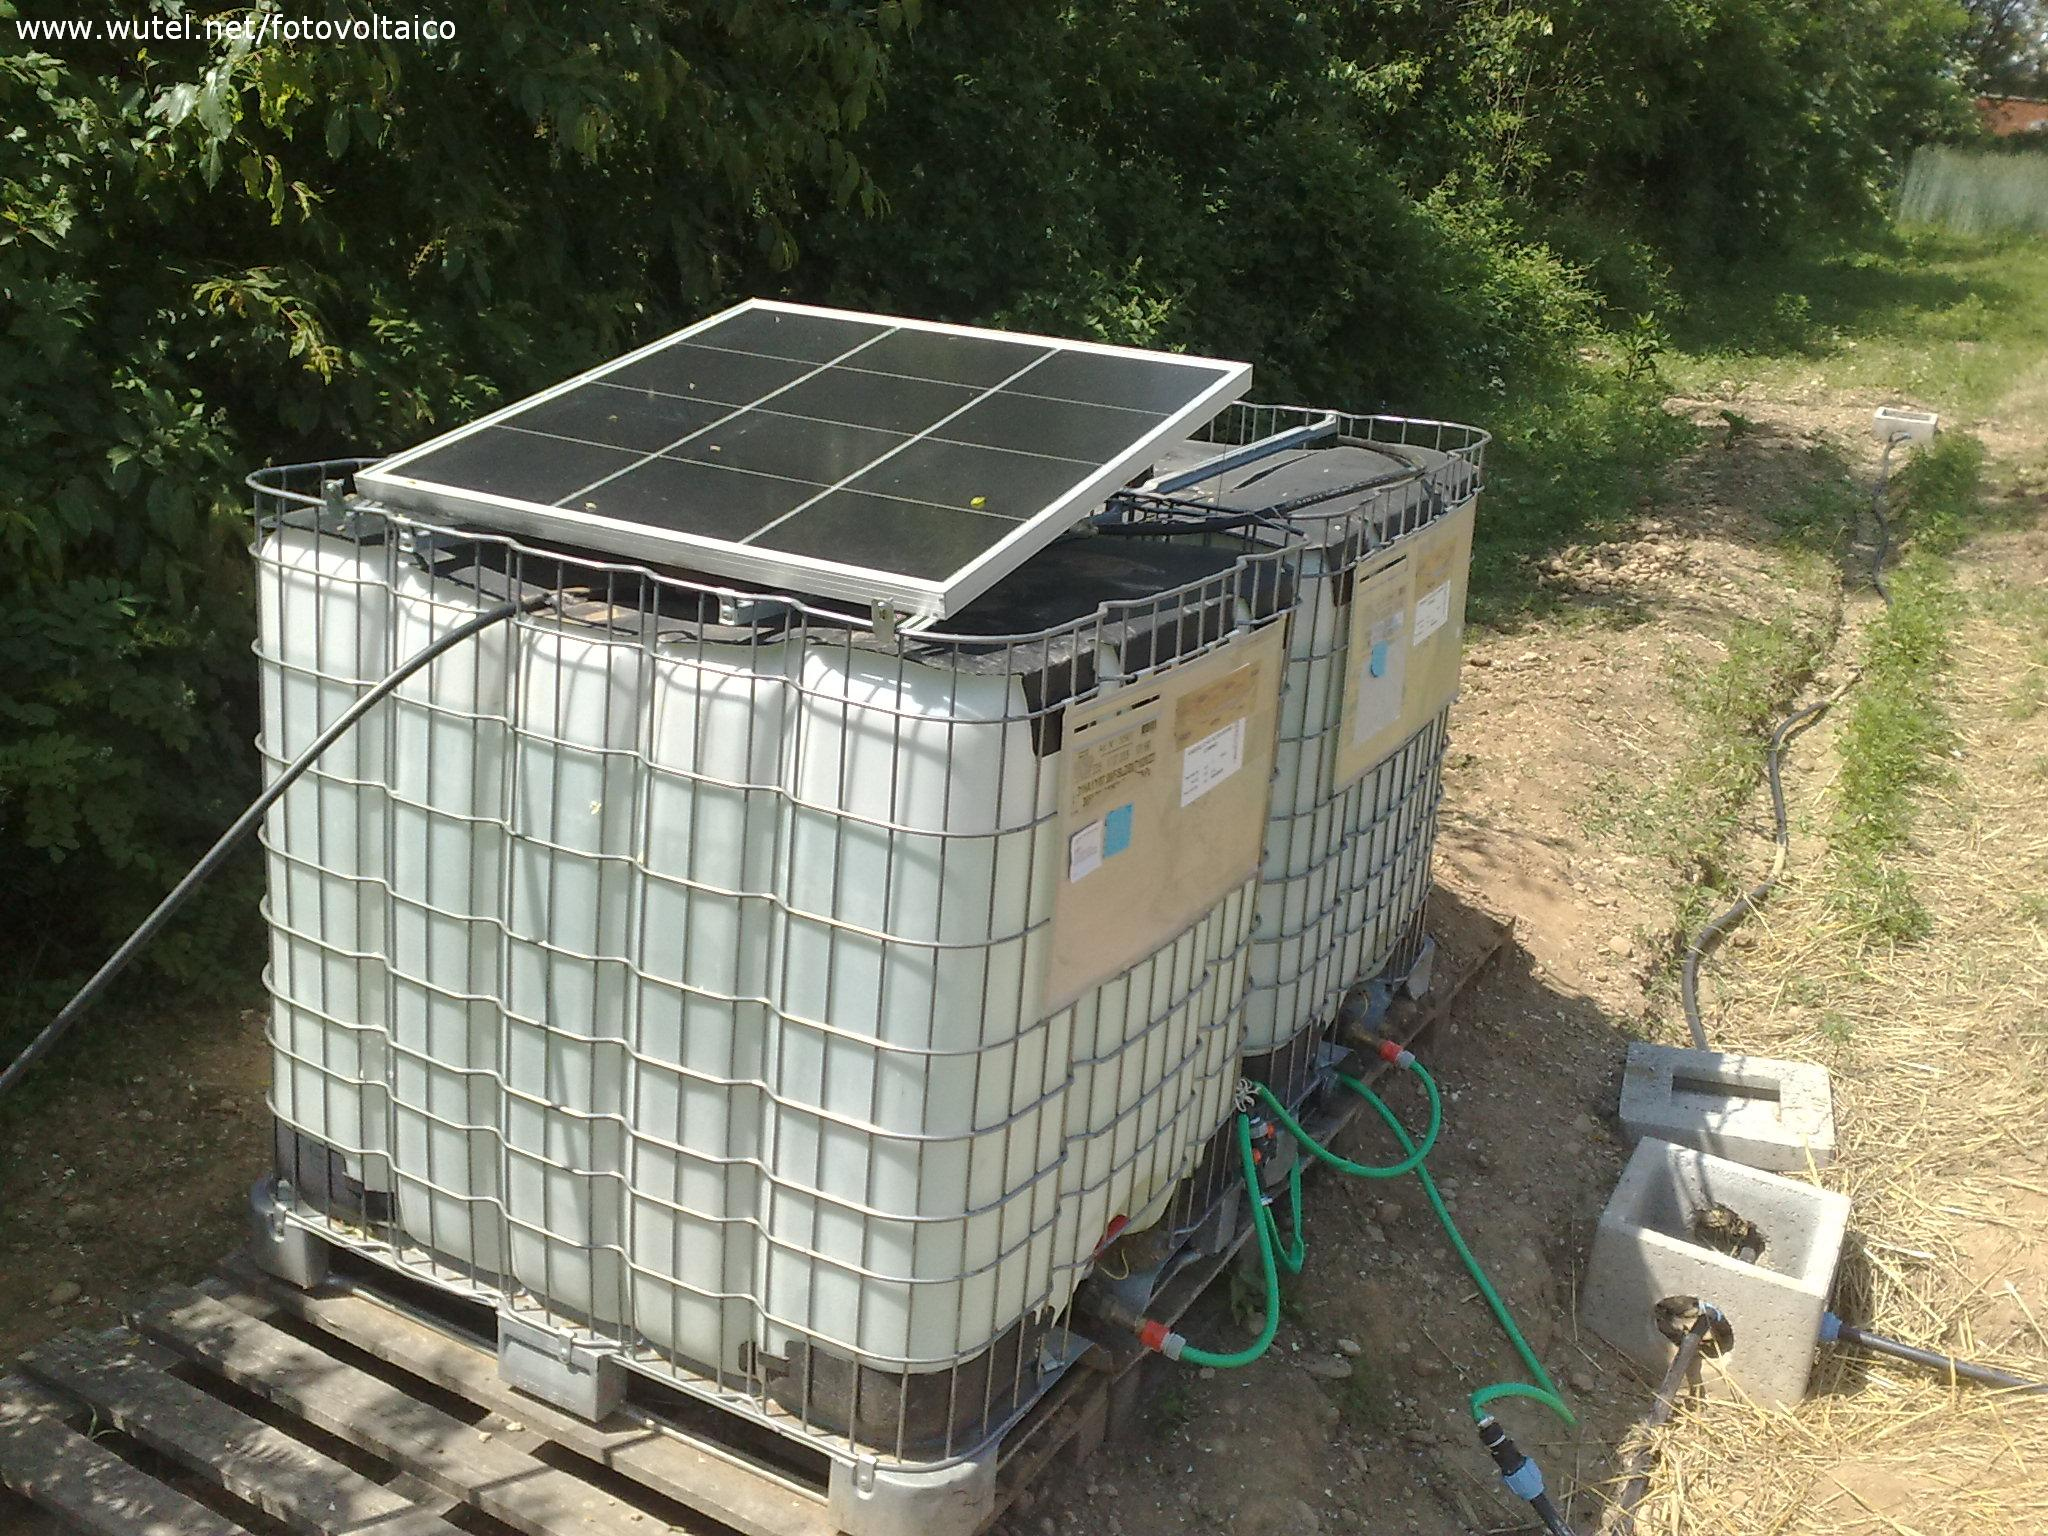 Ortosolare for Tubi per irrigazione a goccia prezzi